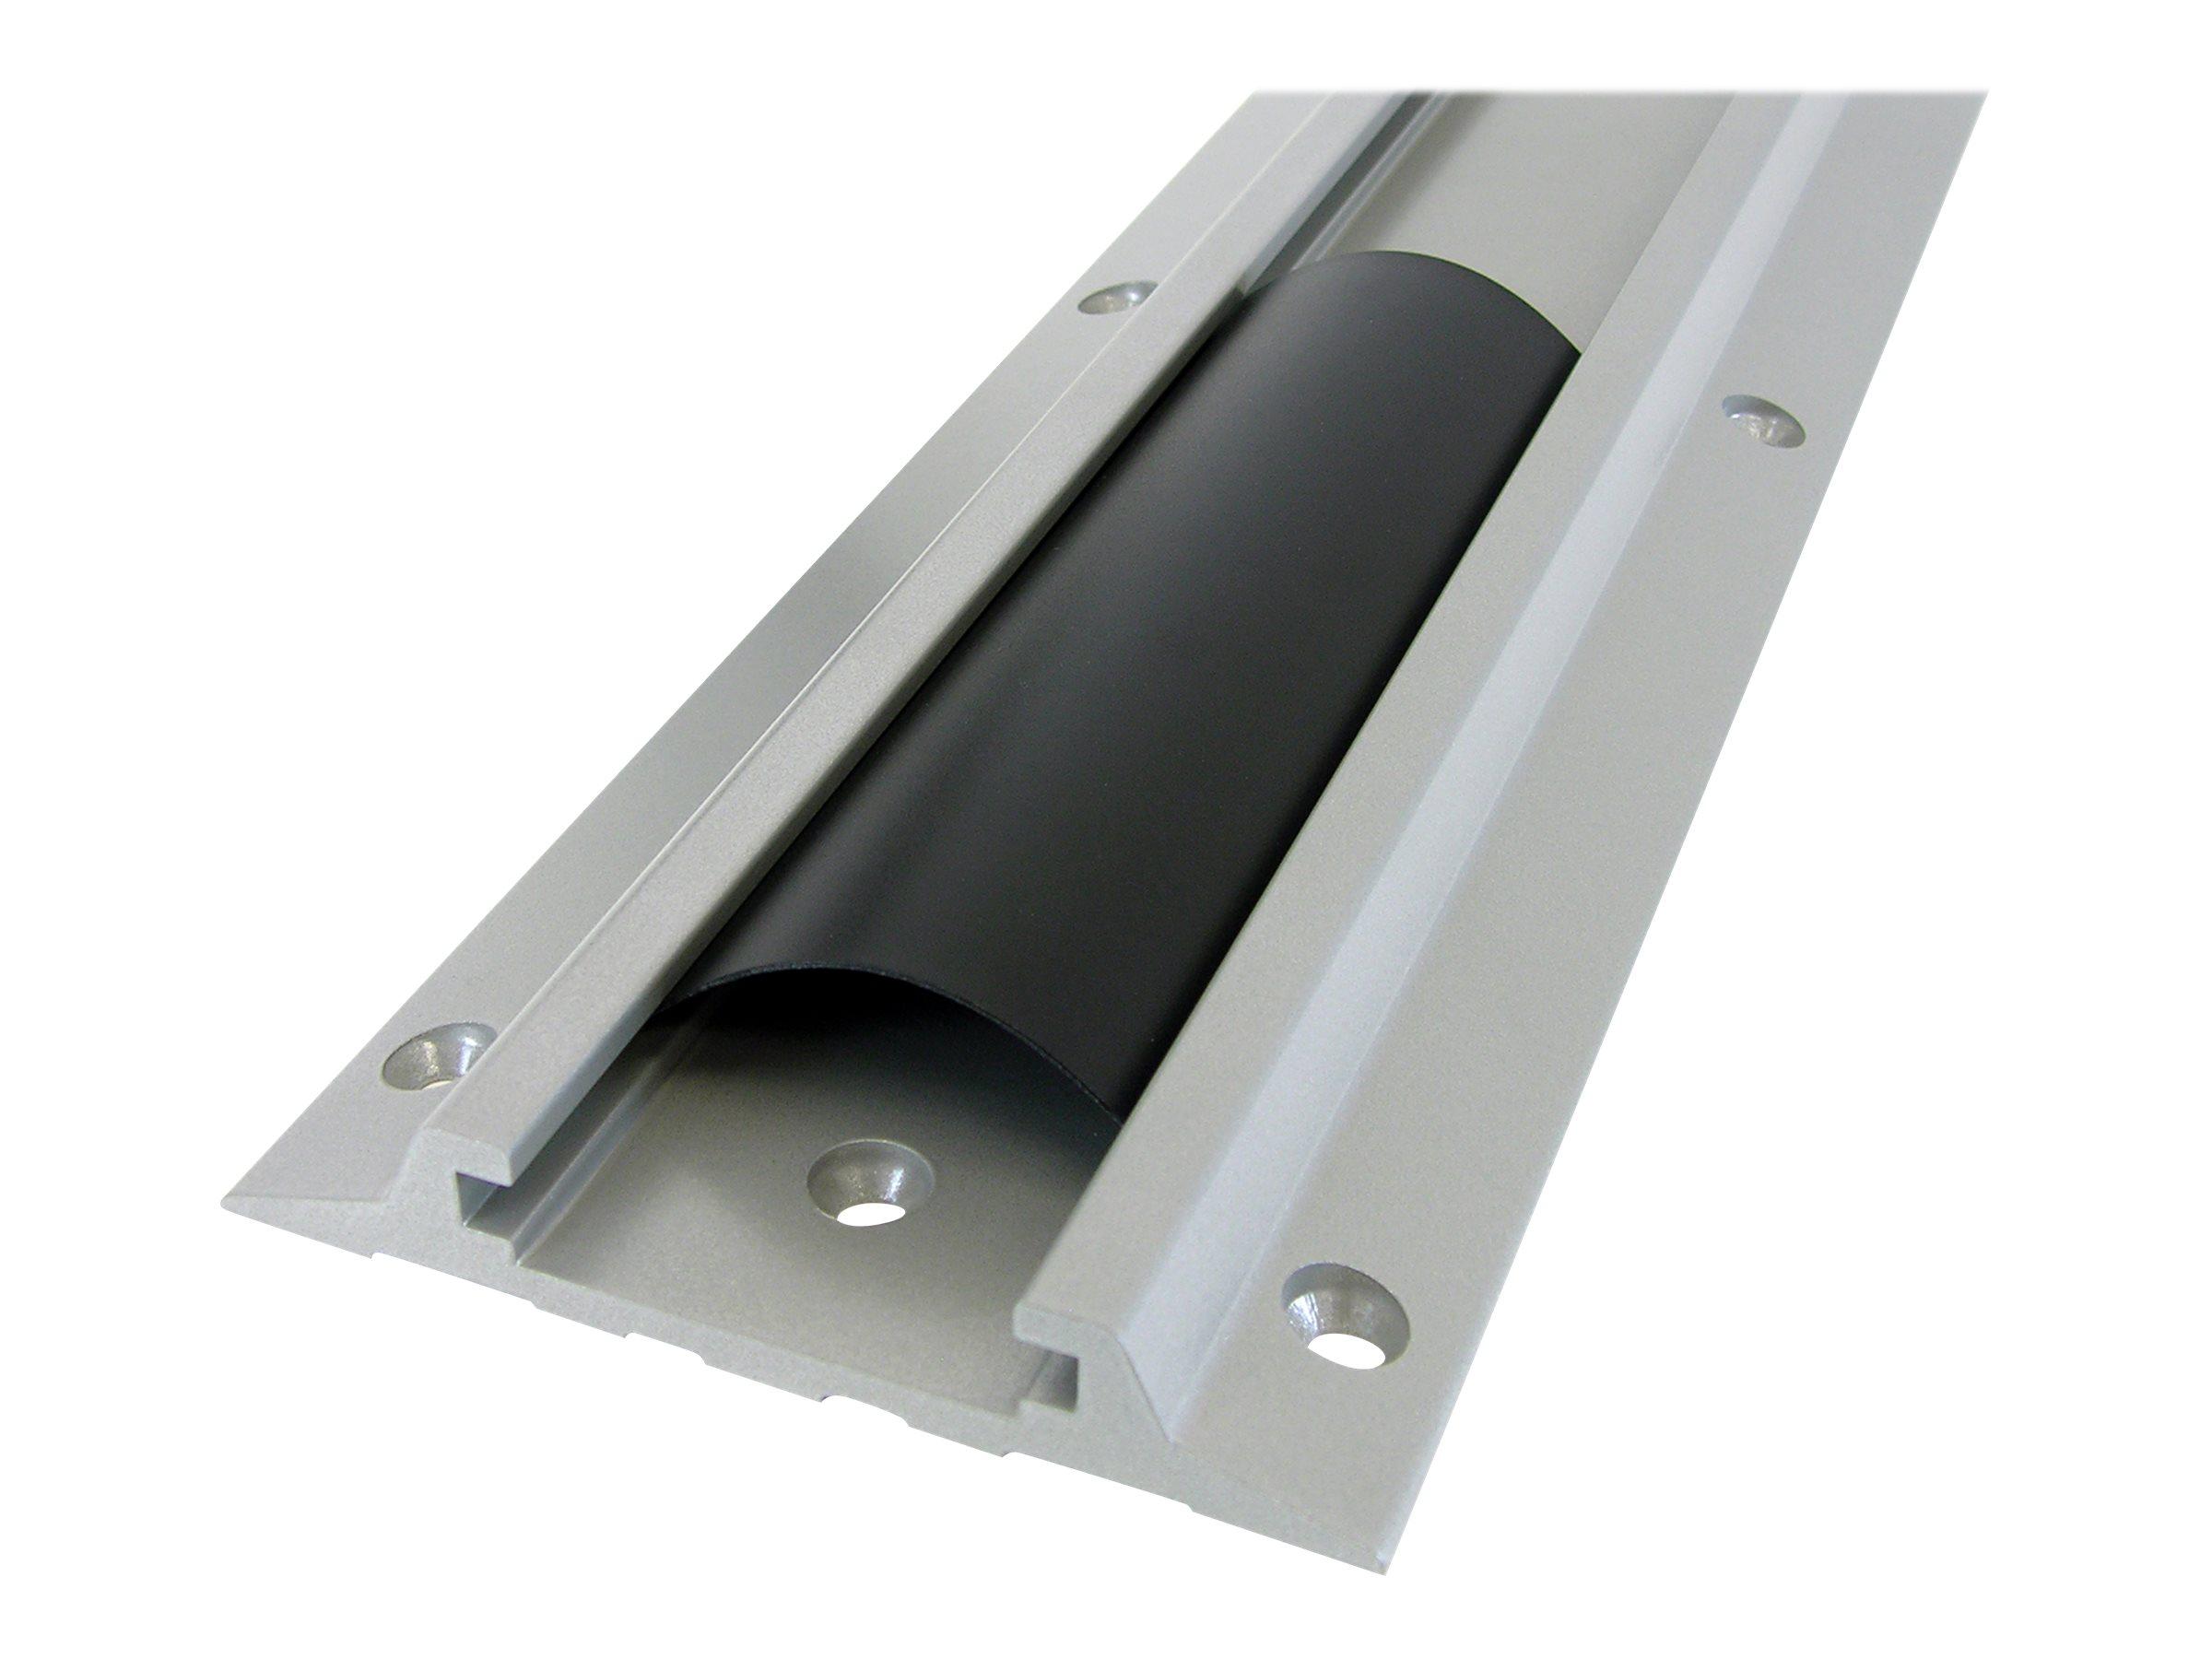 Ergotron - Montagekomponente (Kanalabdeckung, Wandschiene 26